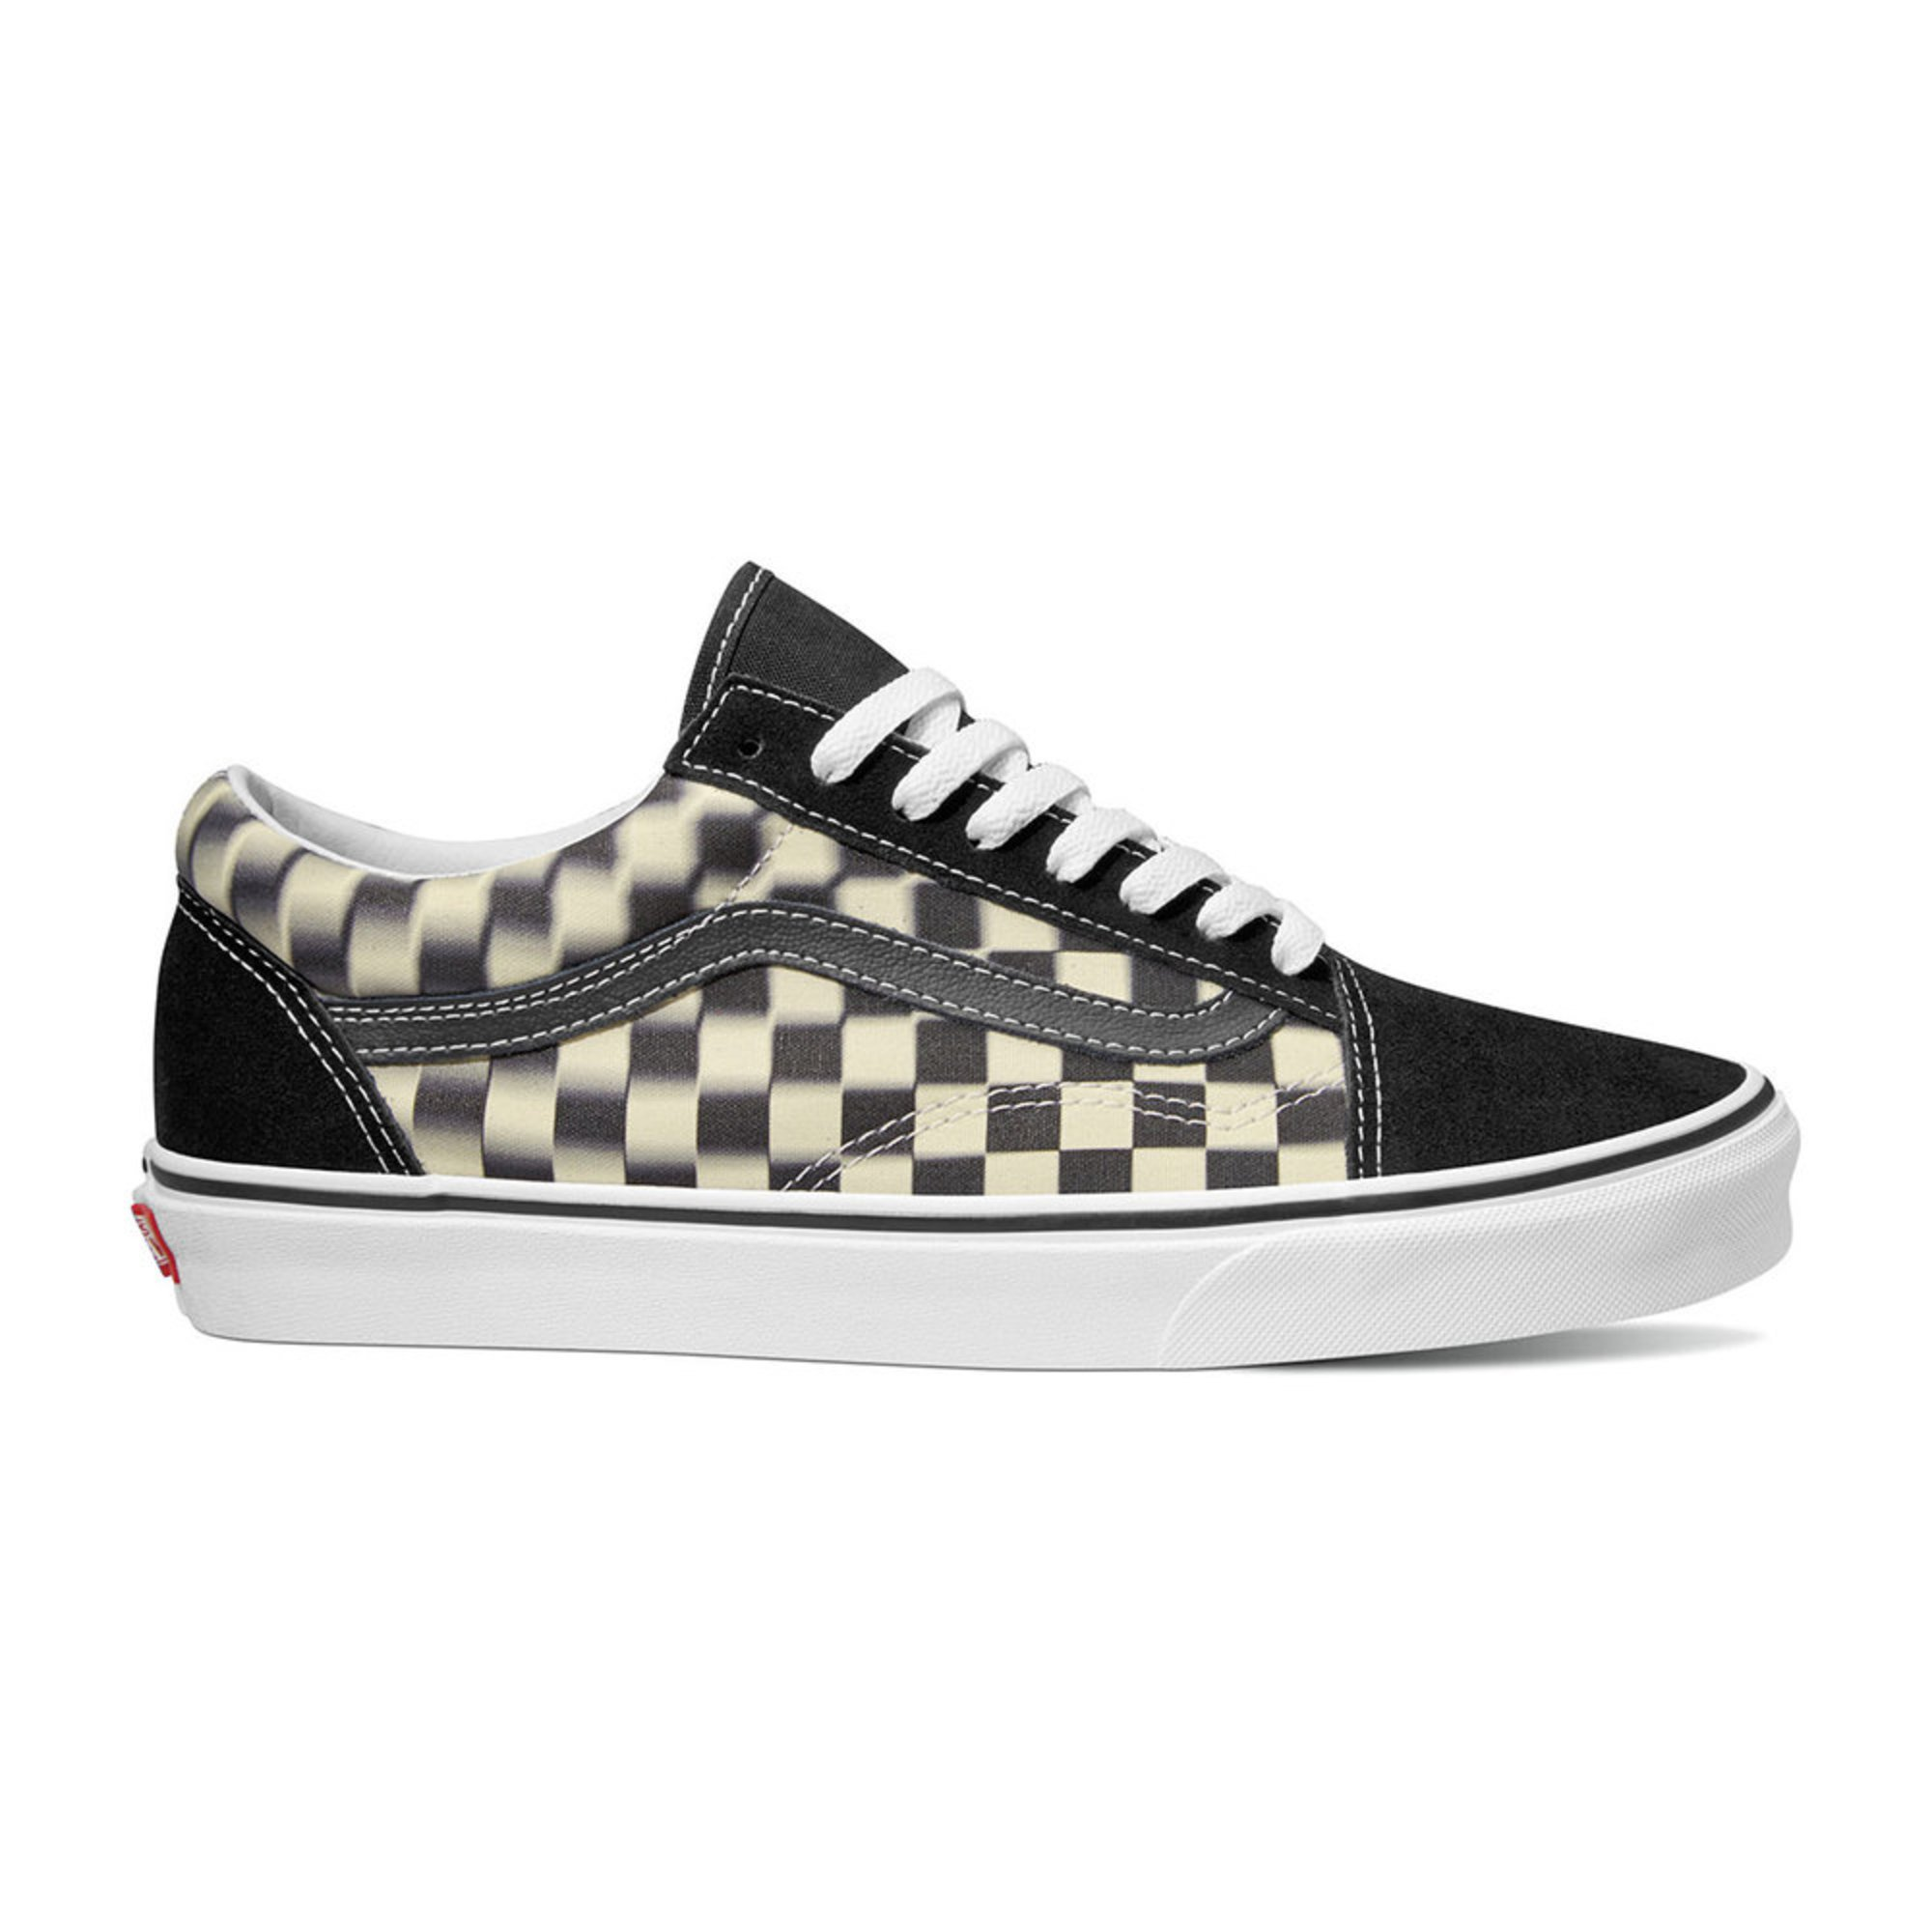 3e7cc53b46 Vans. Vans Men s Old Skool Skate Shoe